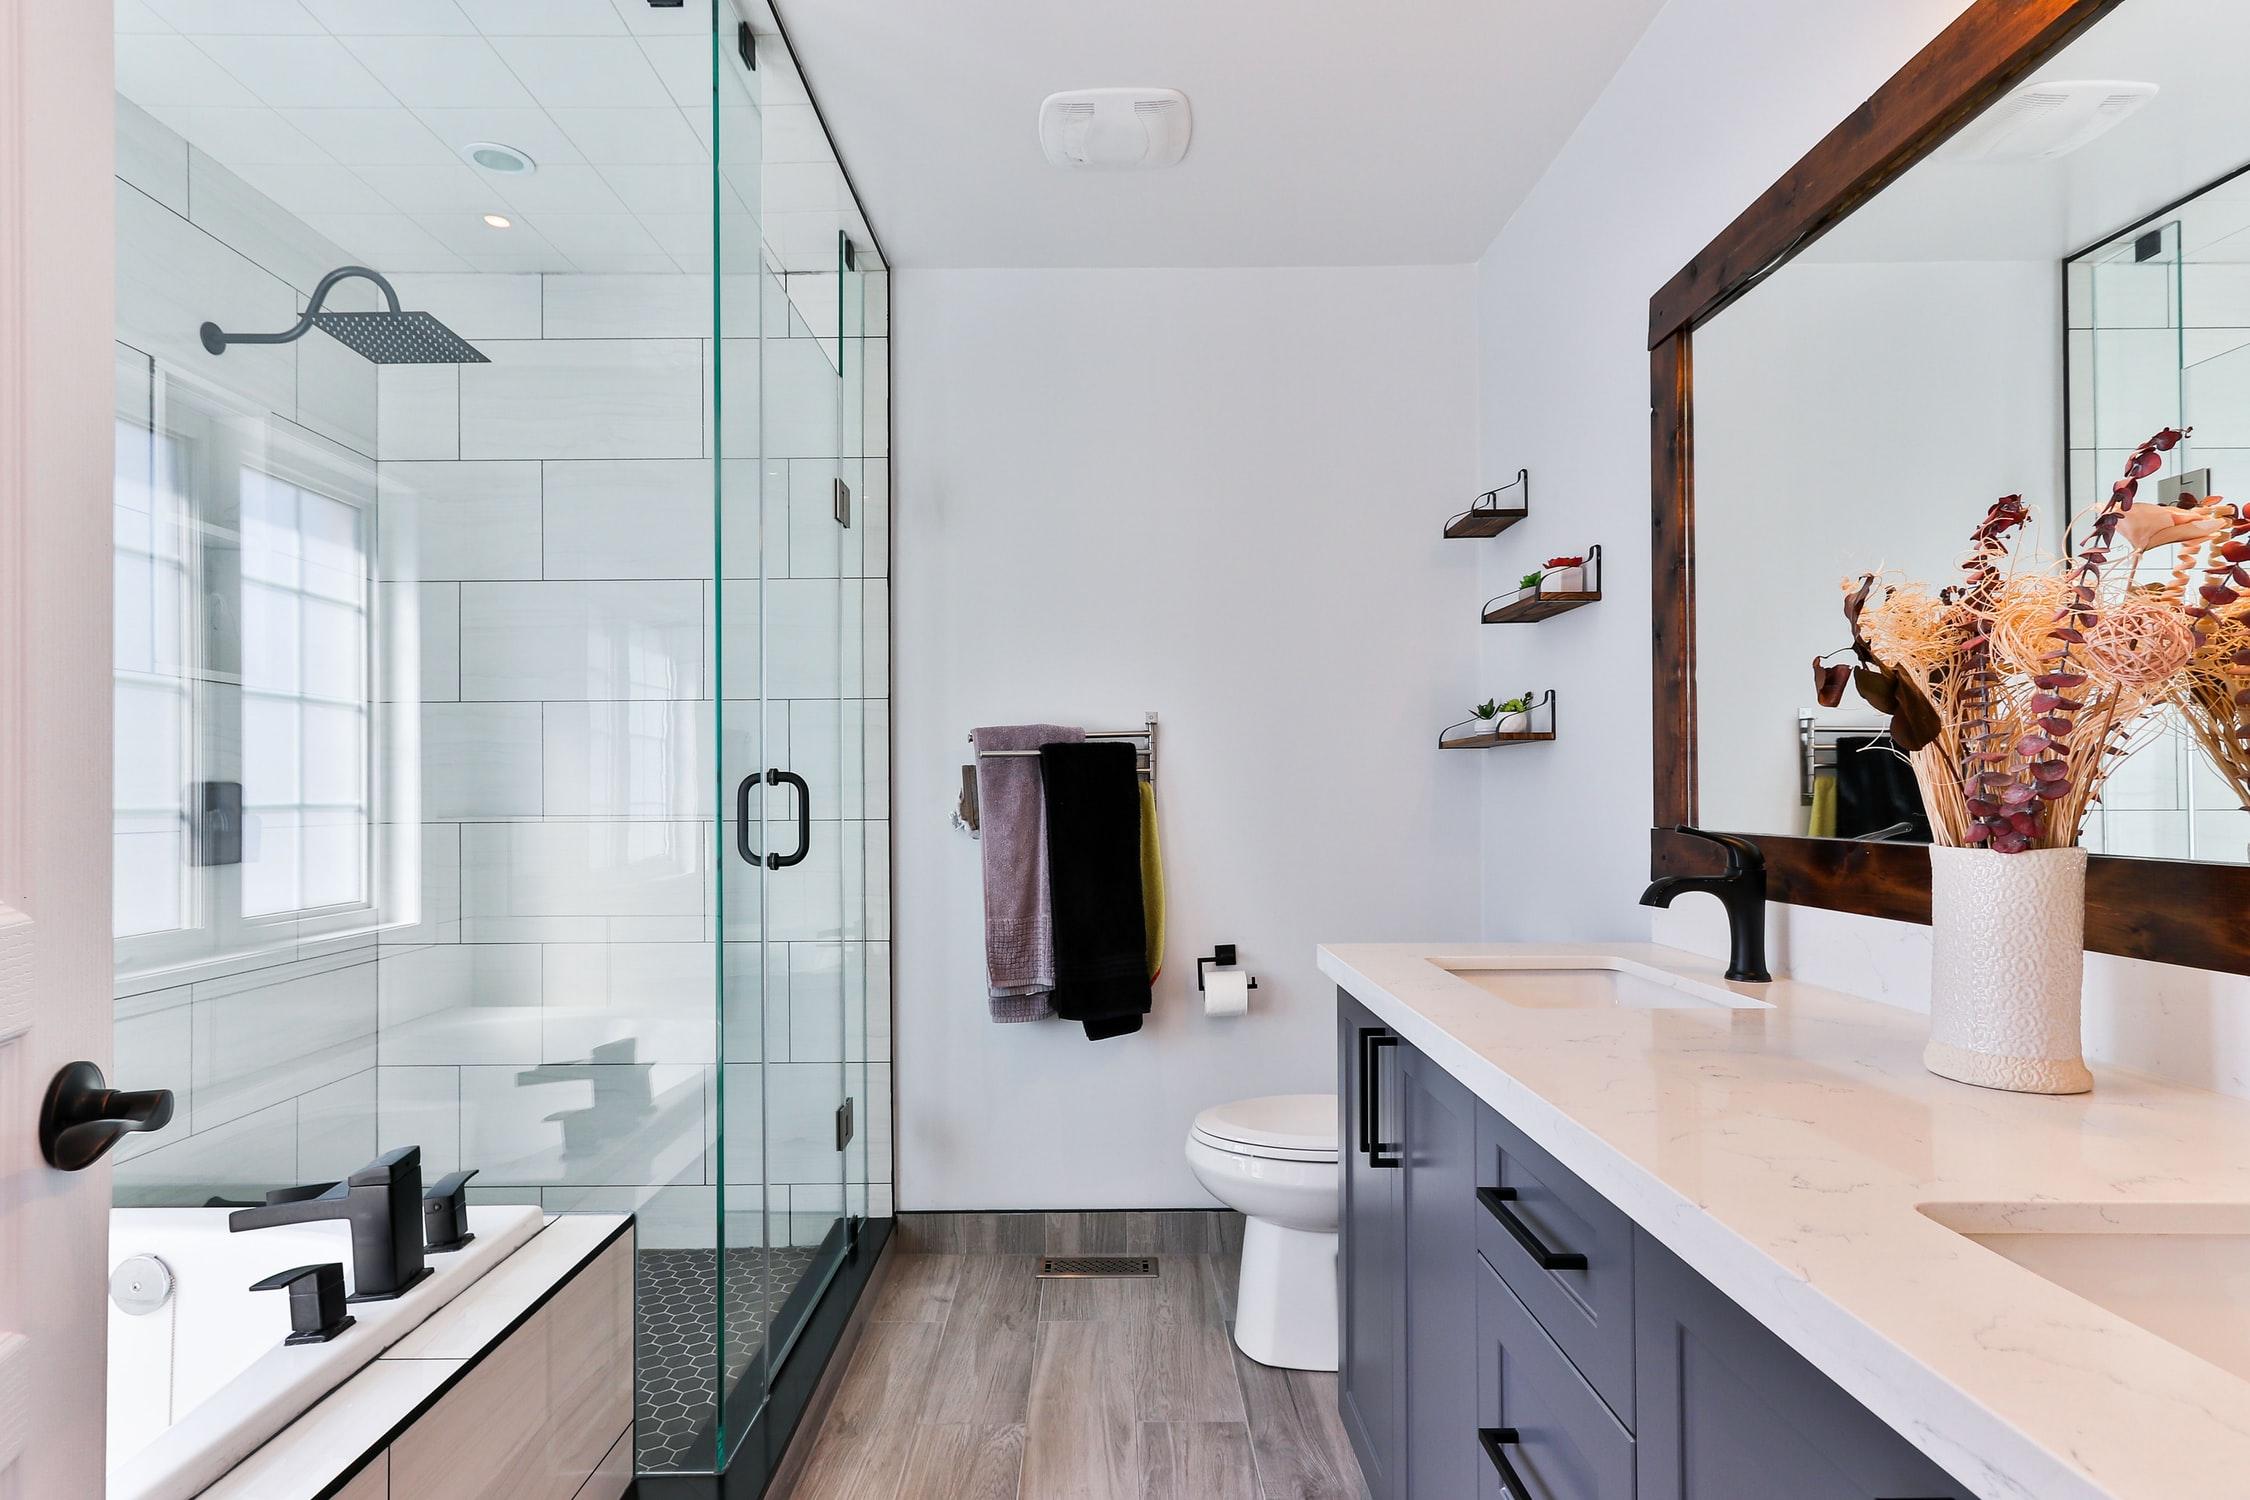 Bath & Shower Installation